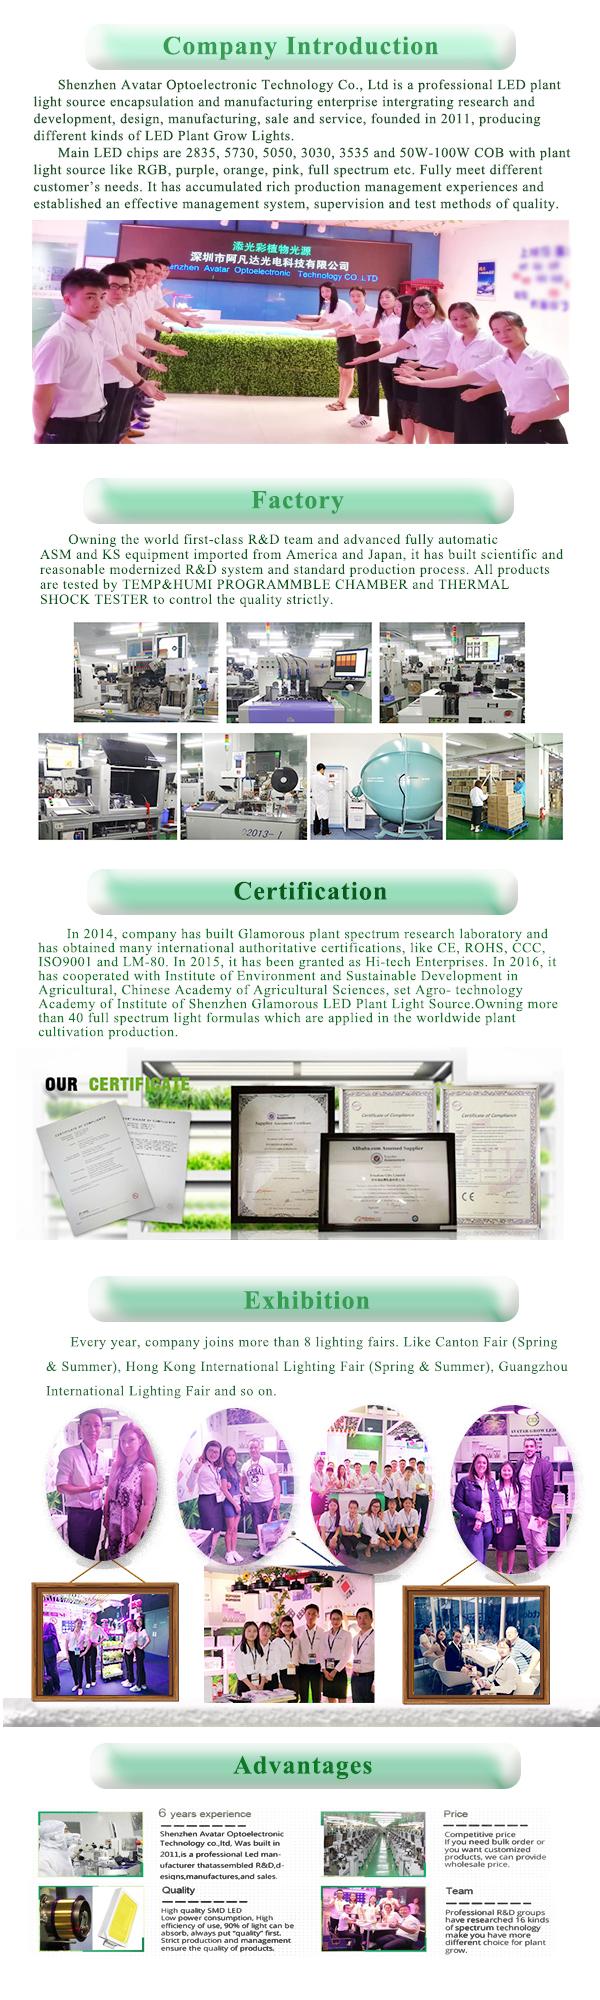 Company-information